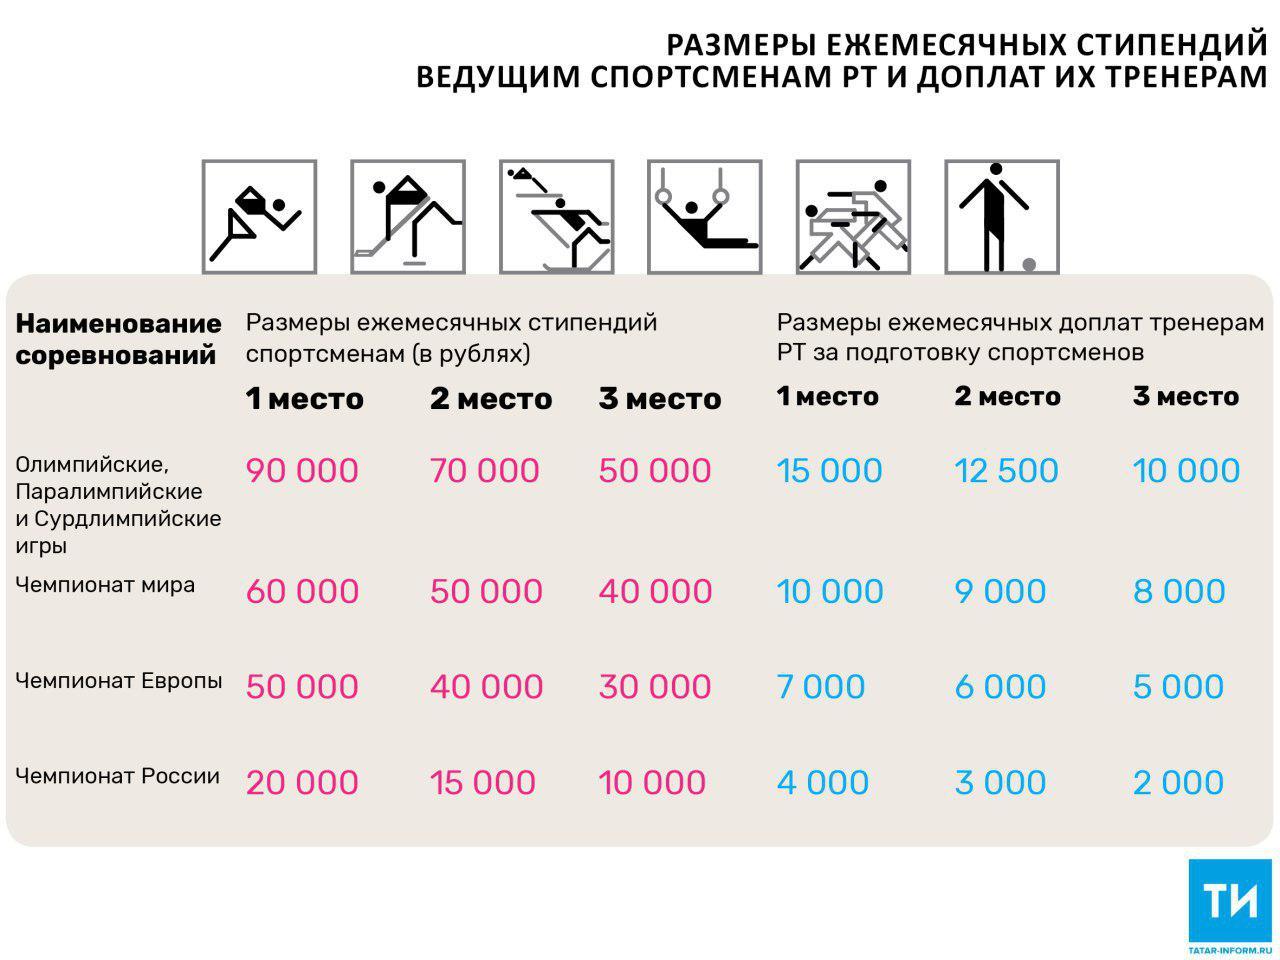 Президент Татарстана объявил о новых мерах господдержки спортсменов и тренеров